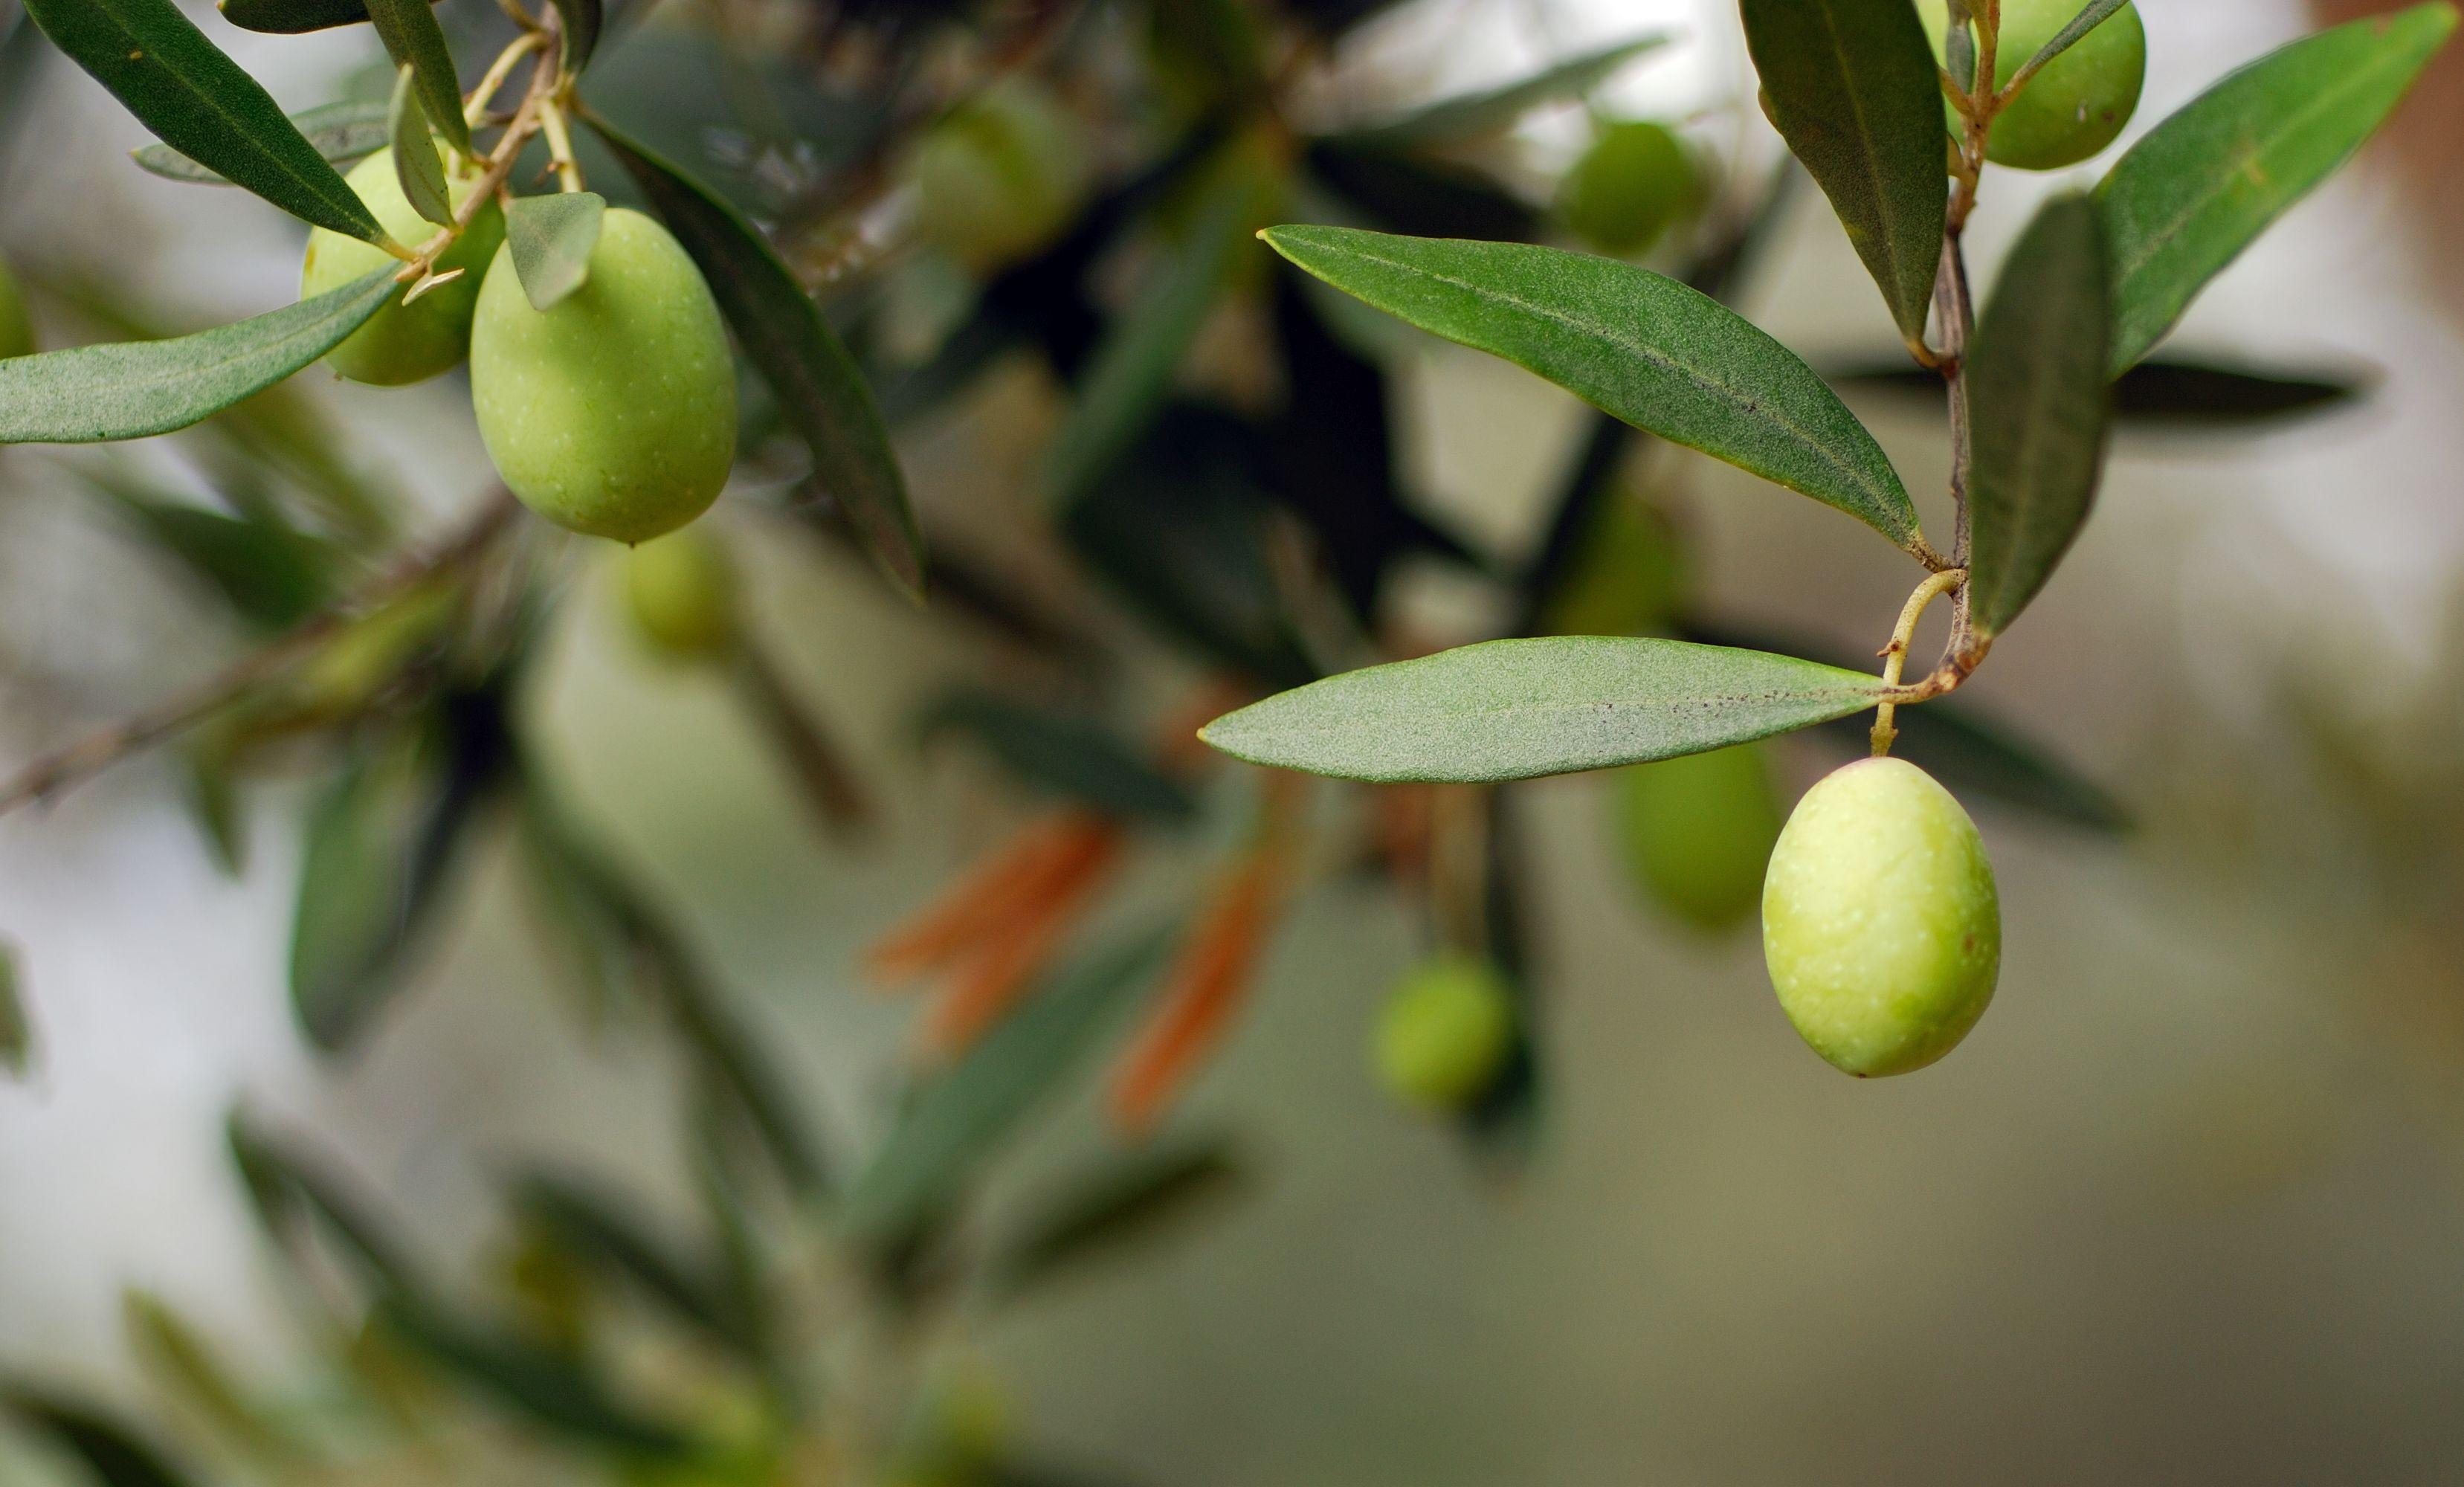 Zeytin yaprağı ile zayıflama yöntemi